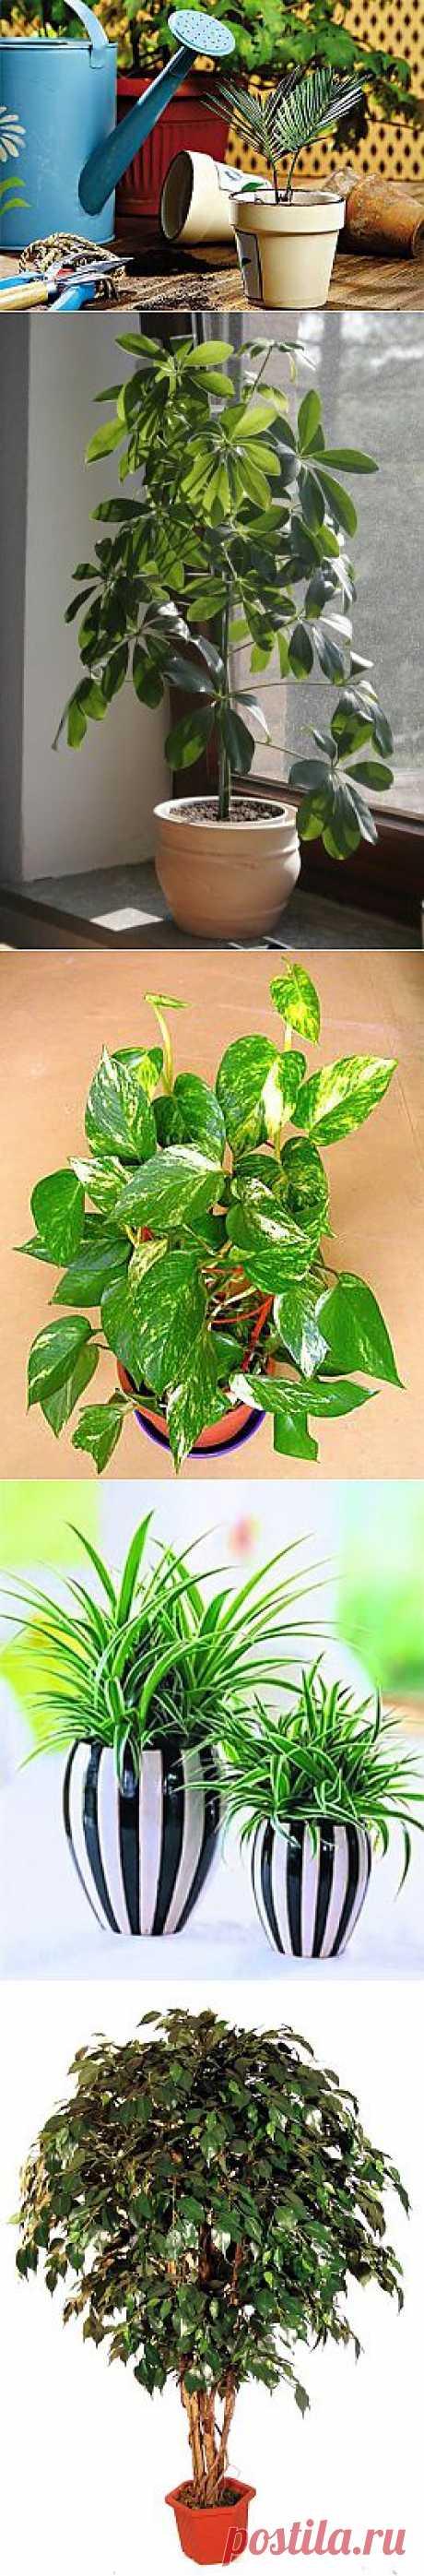 Очищаем воздух с помощью растений / Домоседы